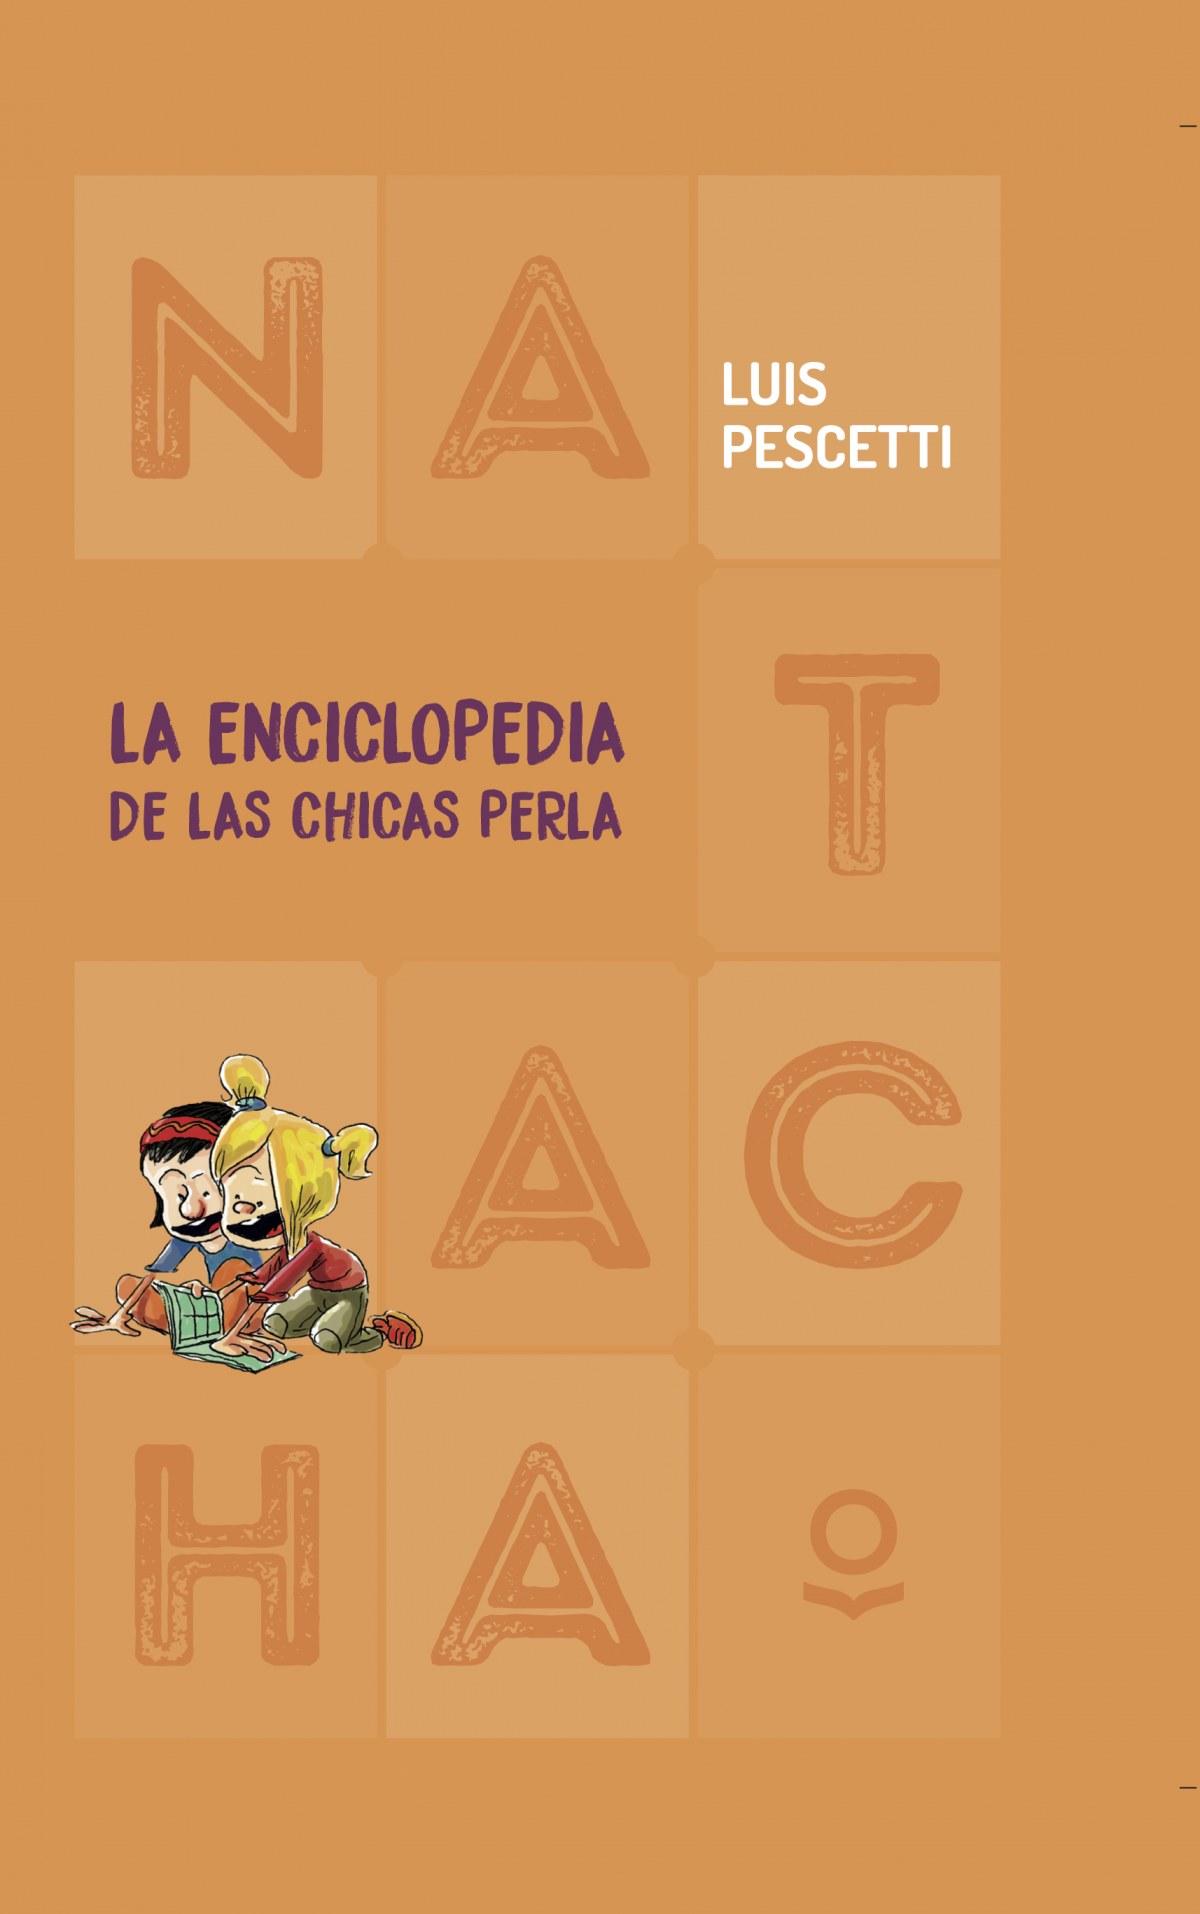 La enciclopedia de las chicas perla - María Pescetti, Luis